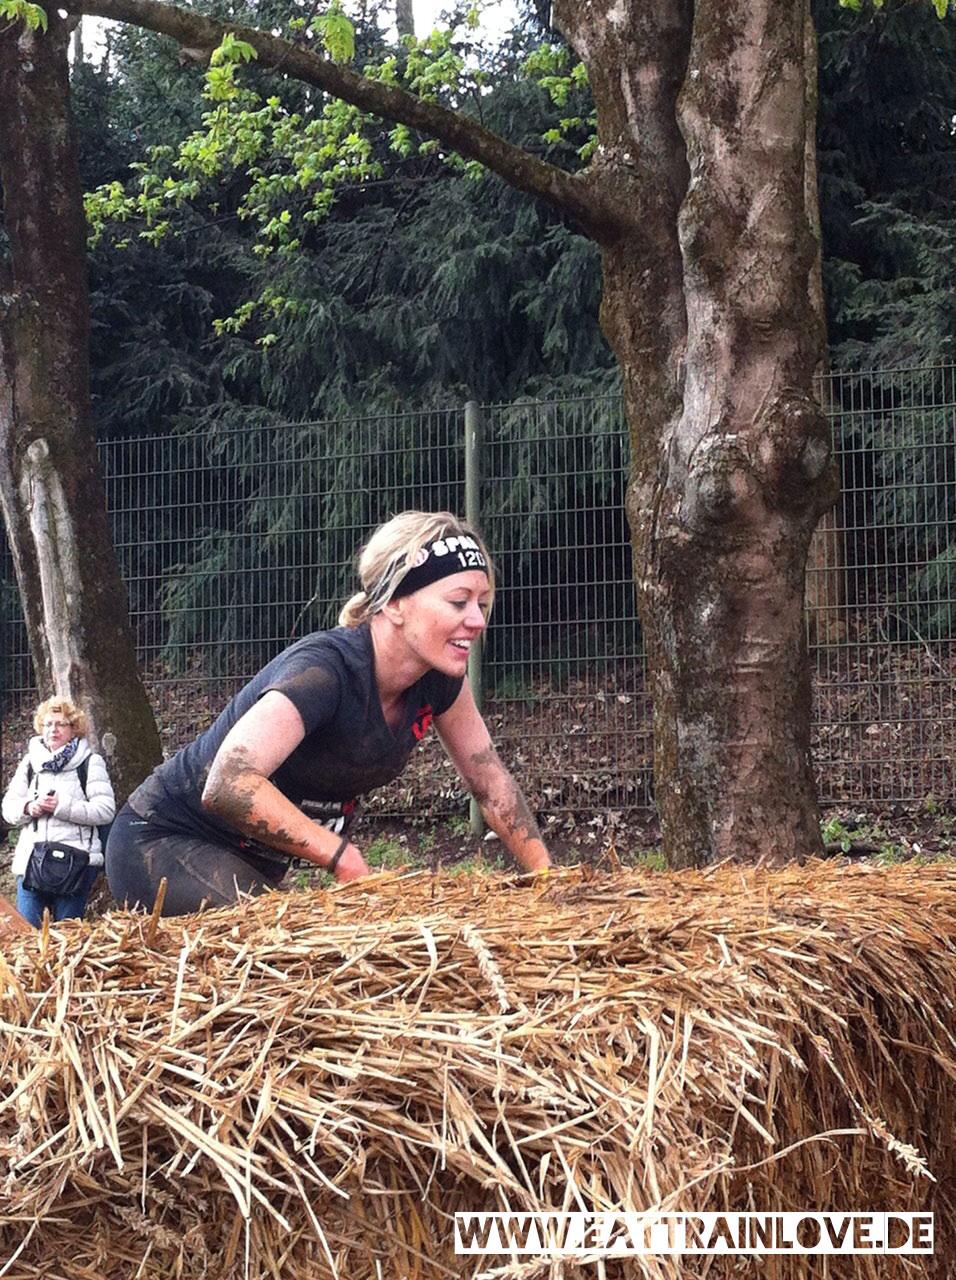 Spartan-Race-Kristin-Woltmann